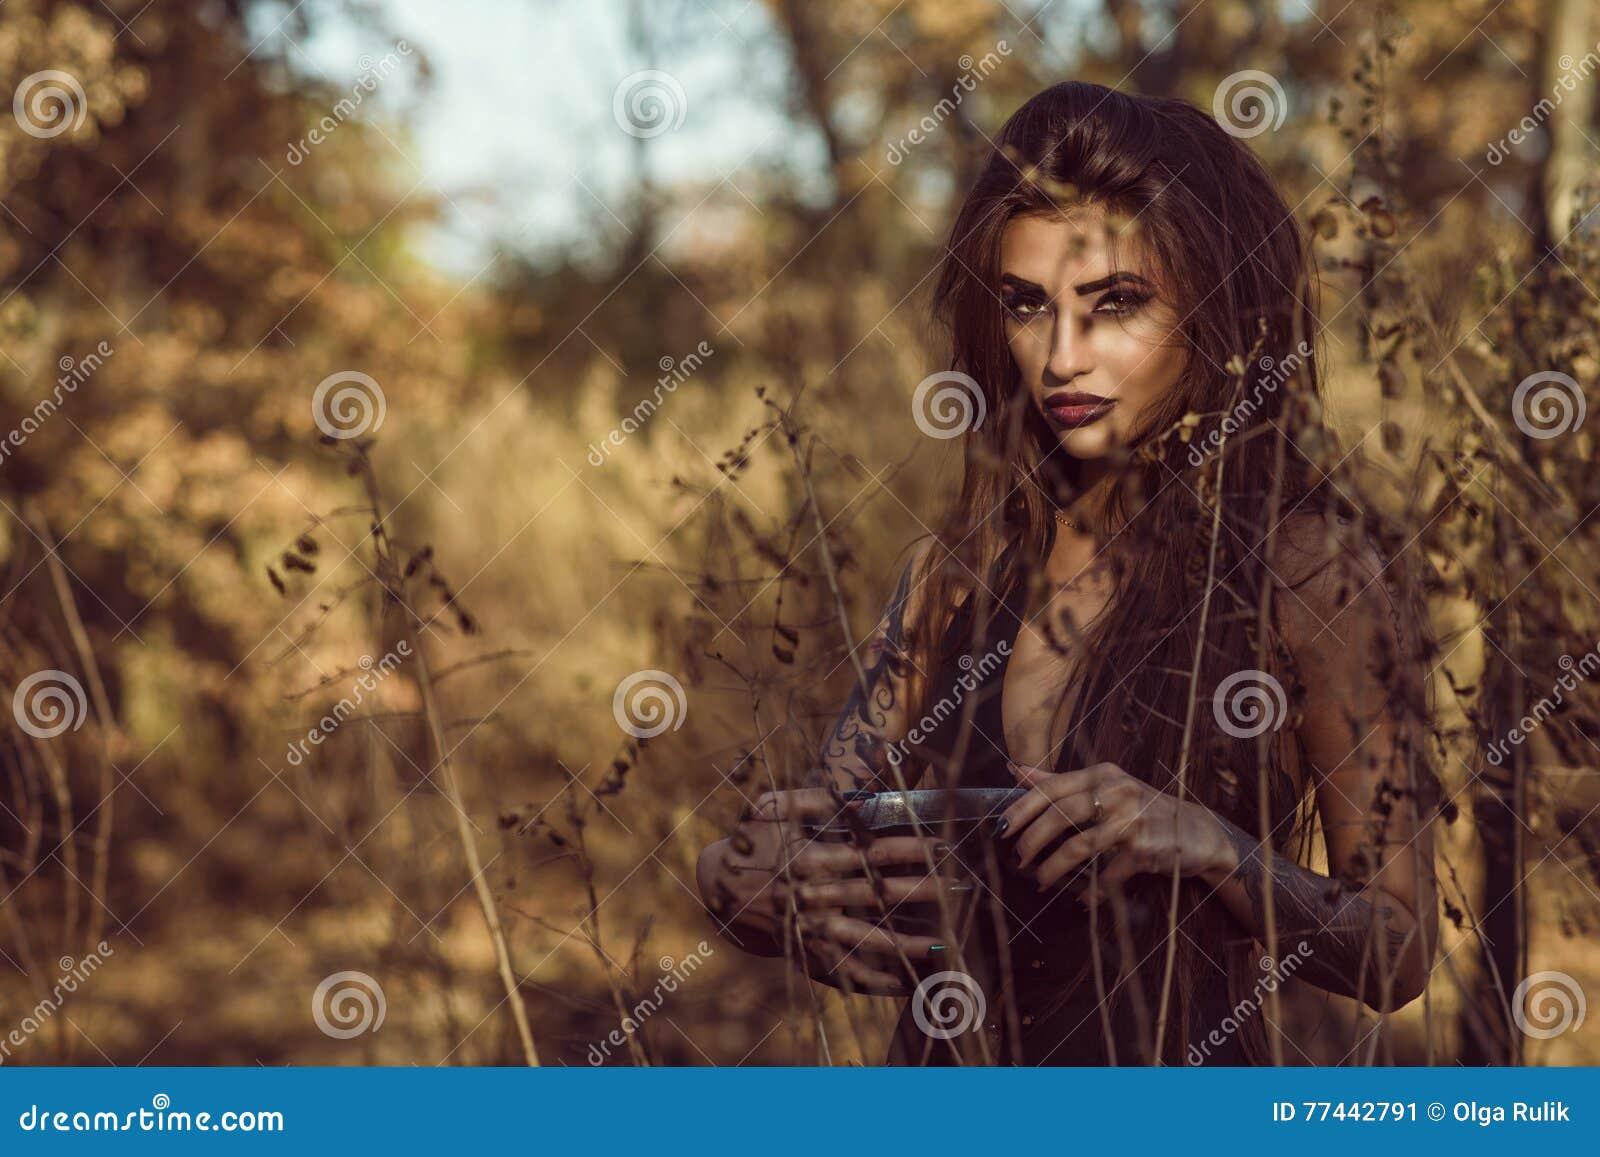 Portrait de la jeune sorcière dangereuse avec du charme tenant un pot avec le breuvage magique magique dans les bois et regardant